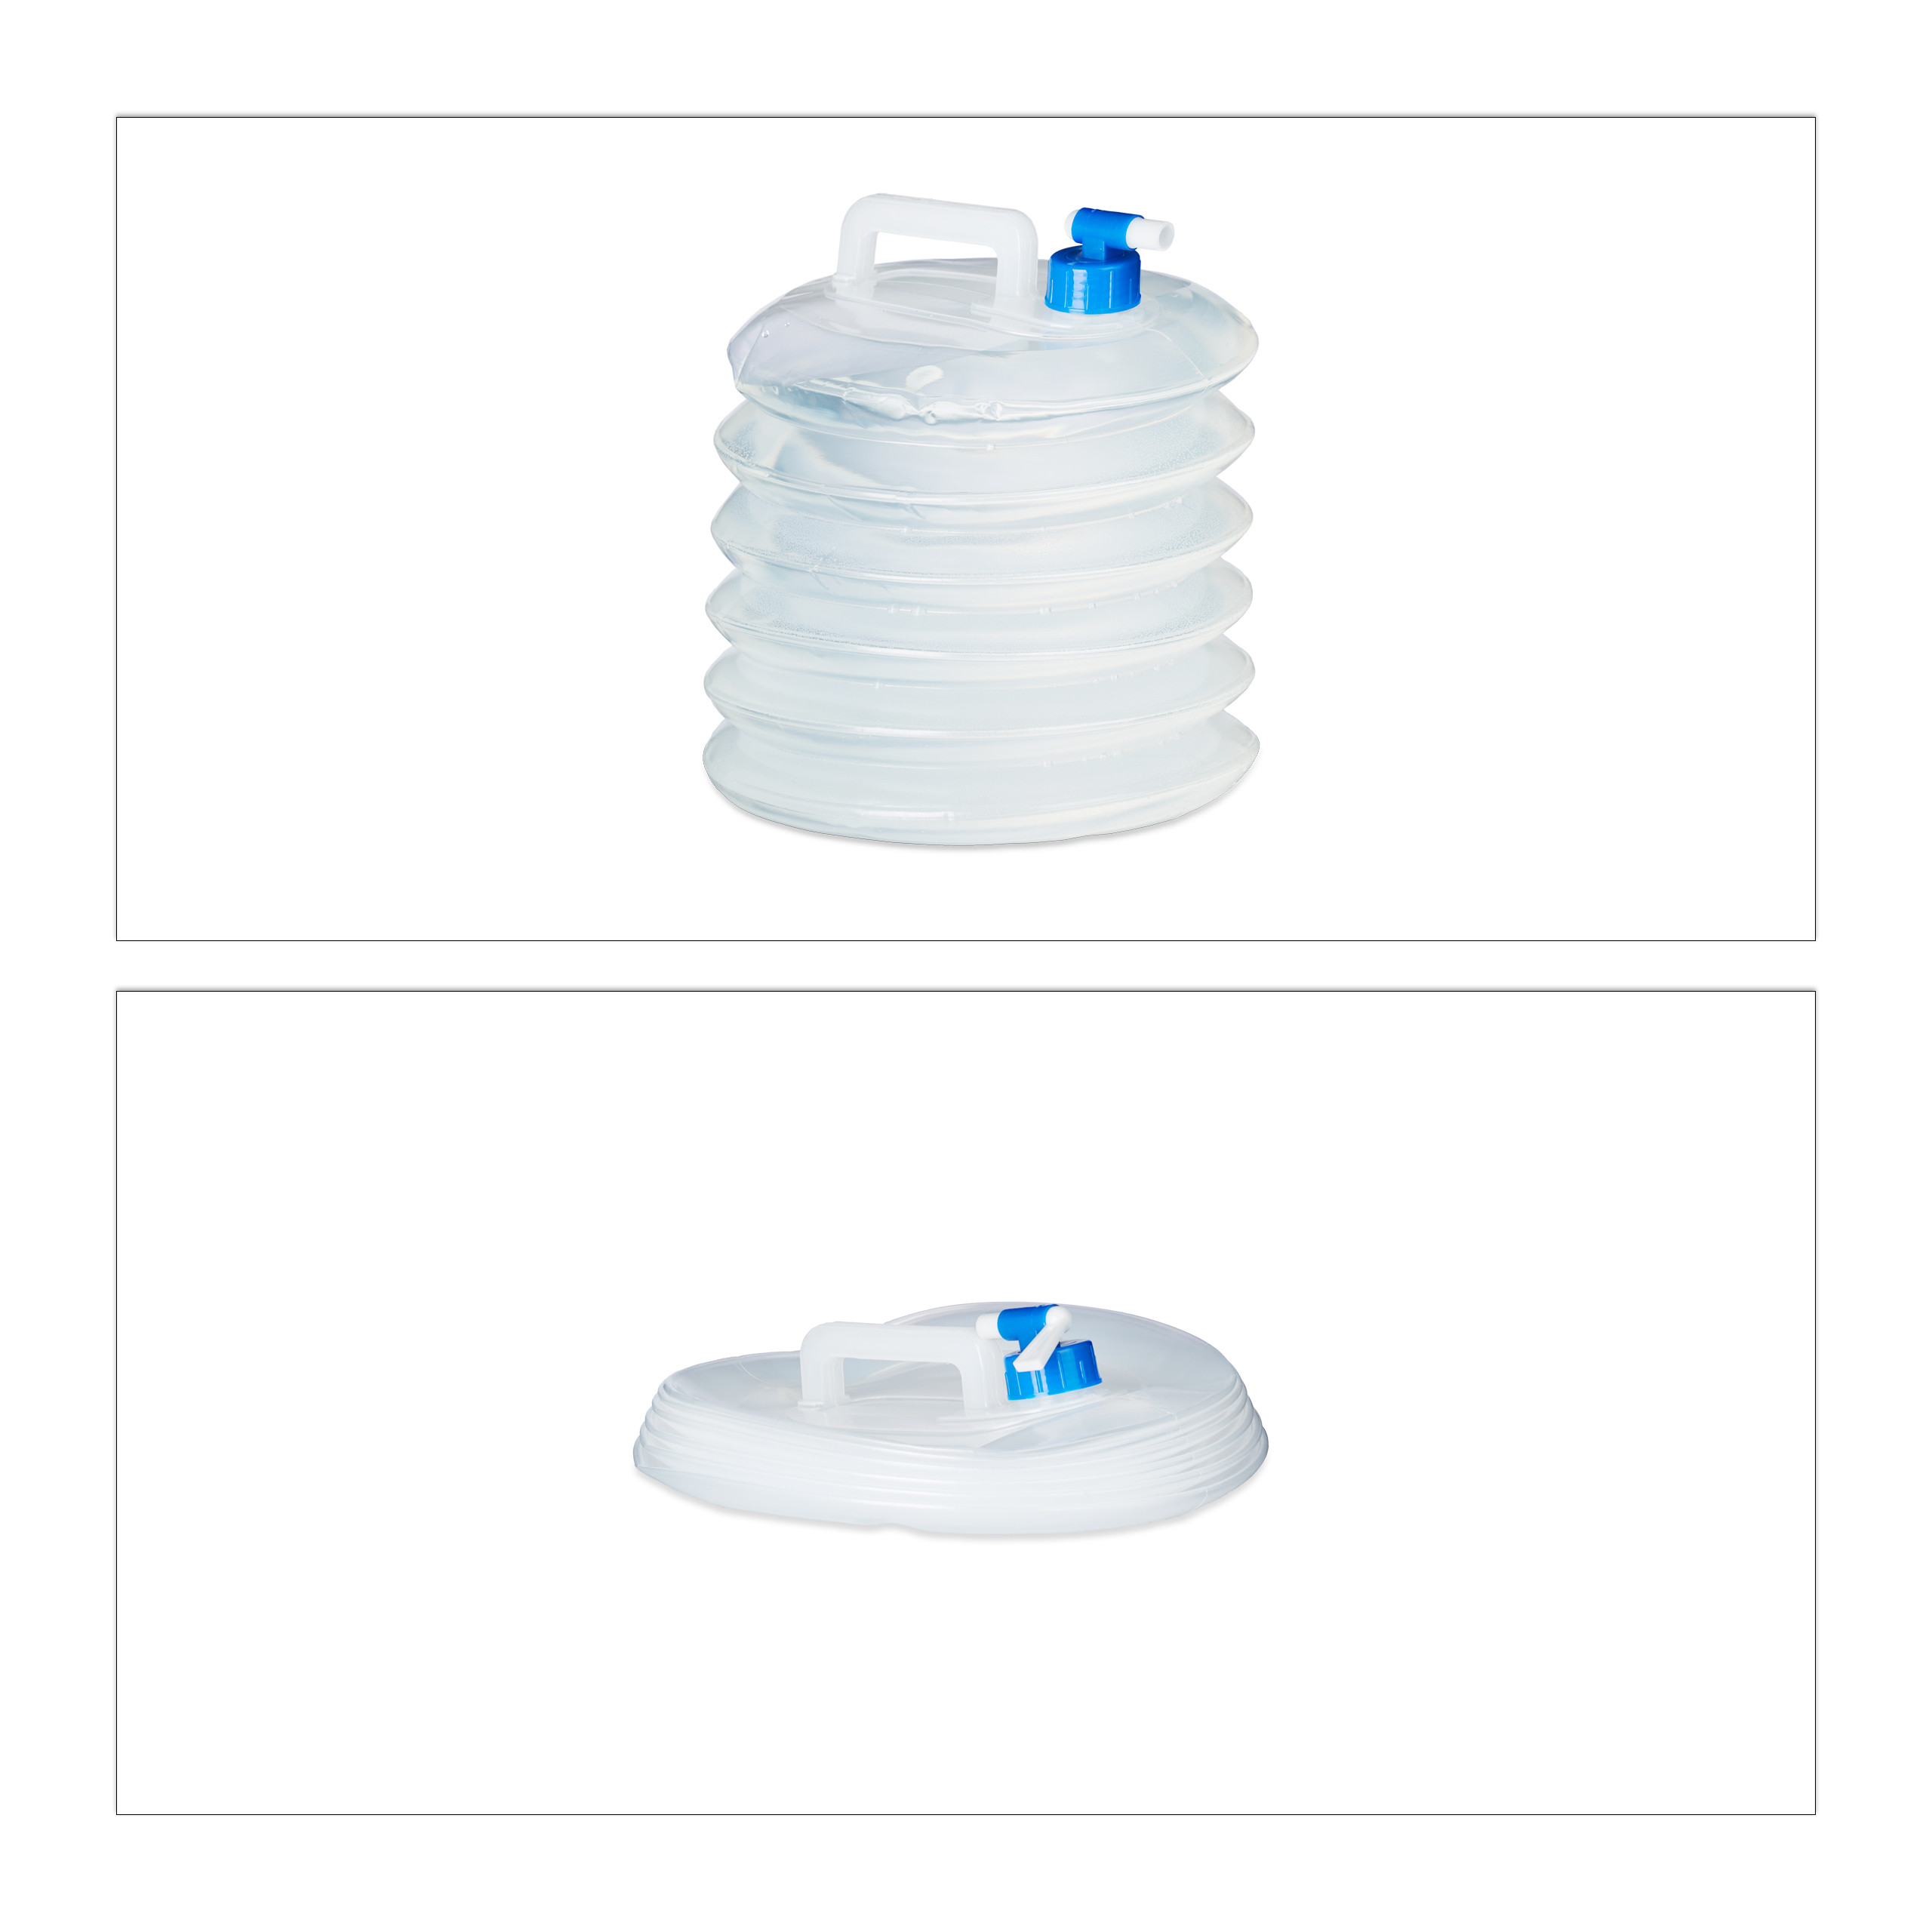 Indexbild 22 - Wasserkanister faltbar 4er Set Faltkanister Camping Trinkwasserkanister BPA frei